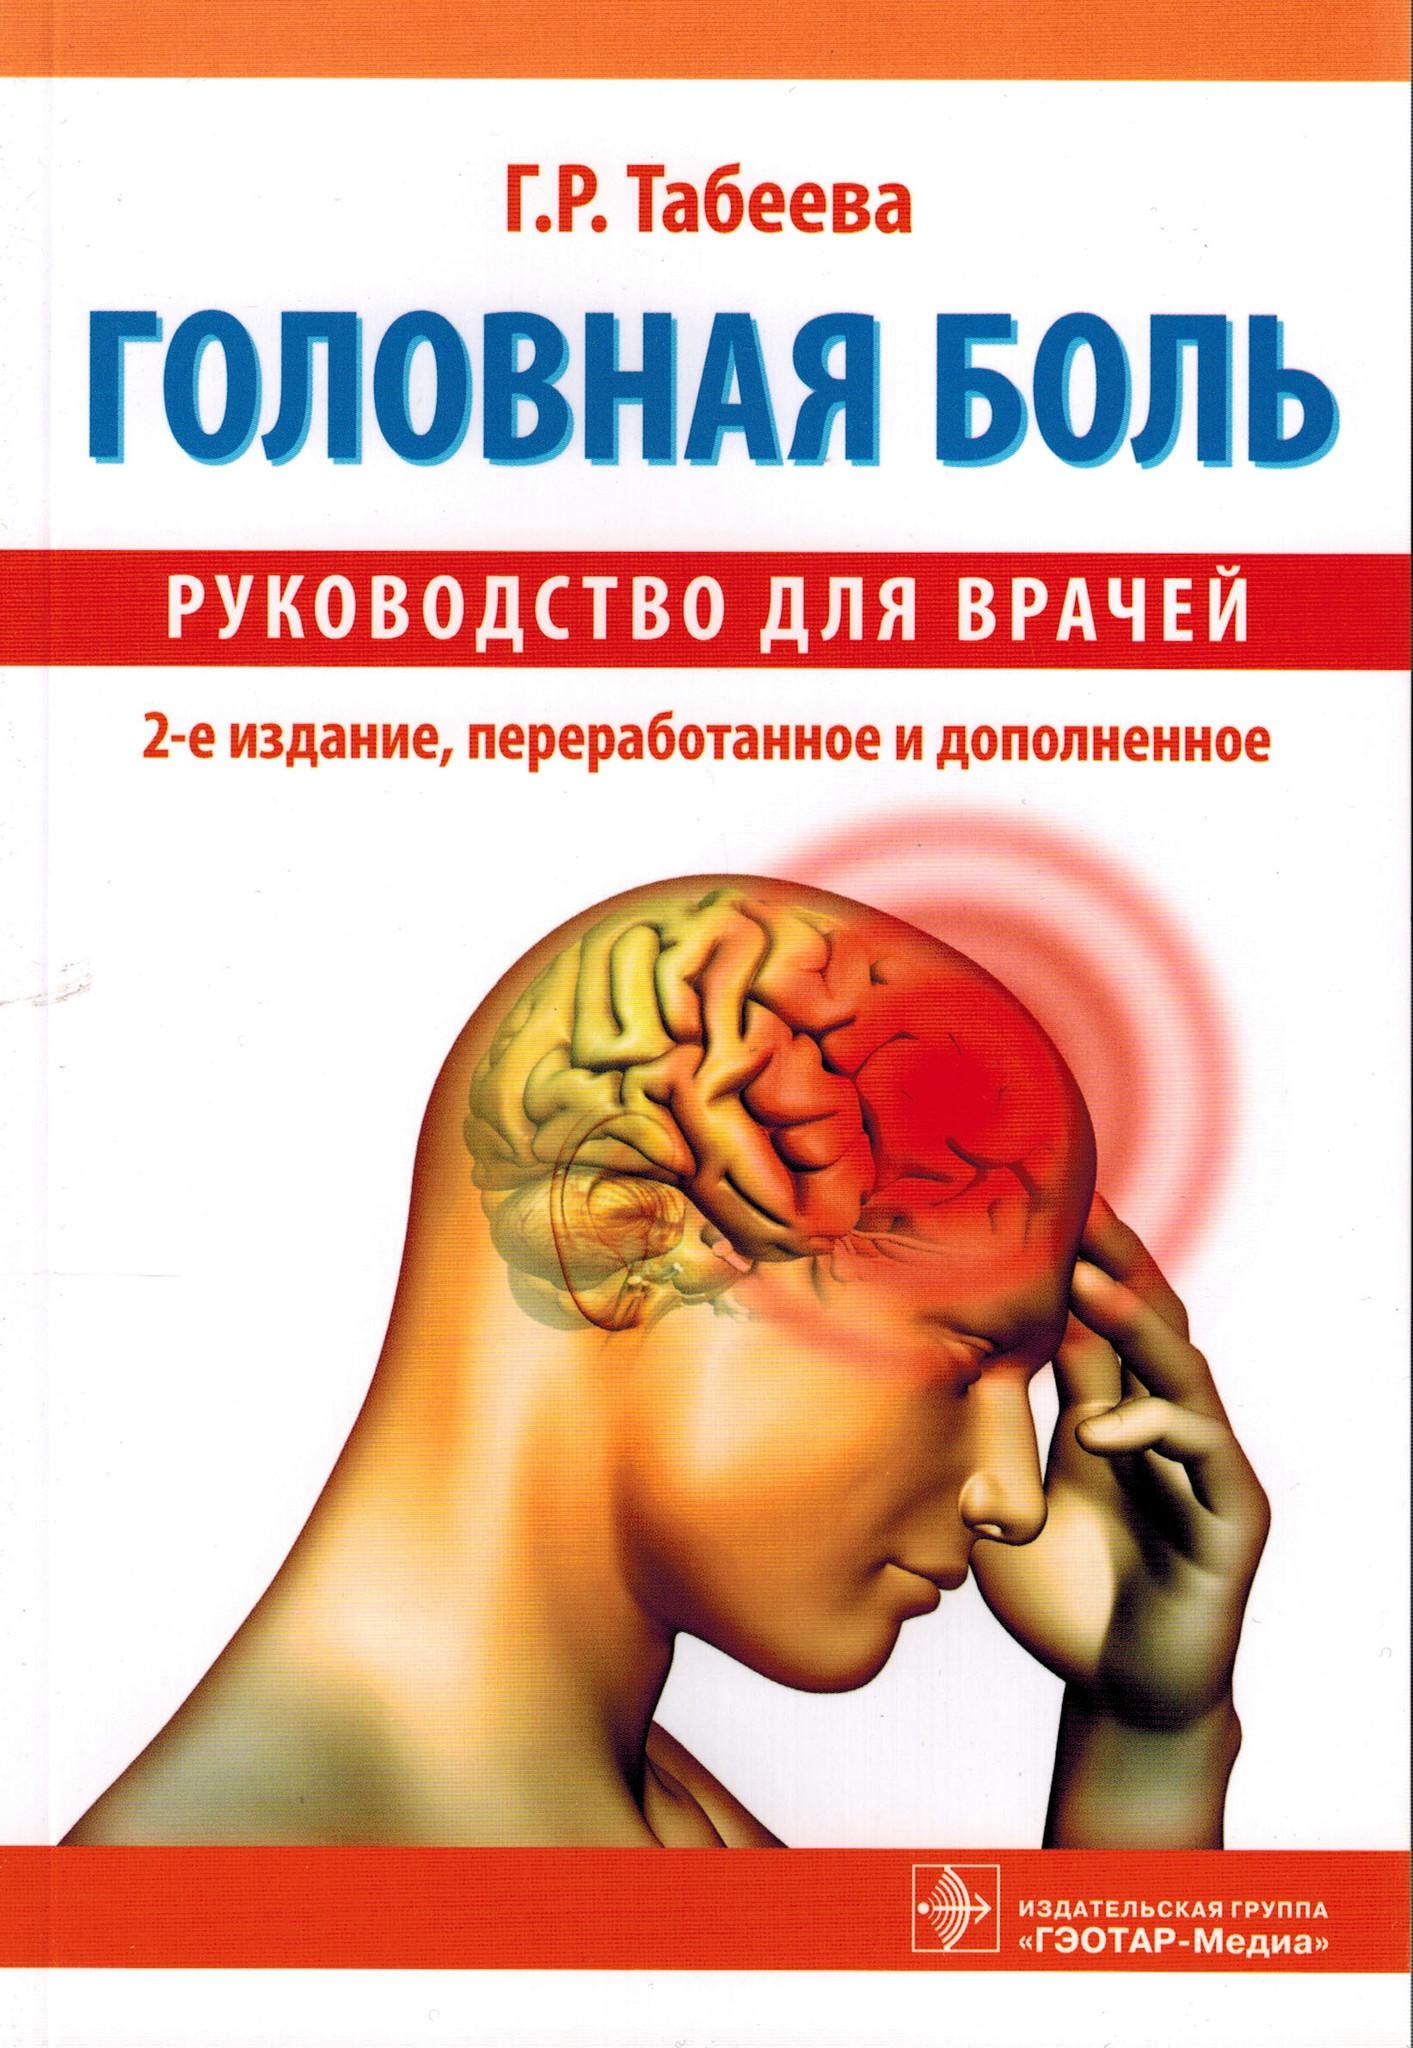 Нейро Головная боль gb.jpg